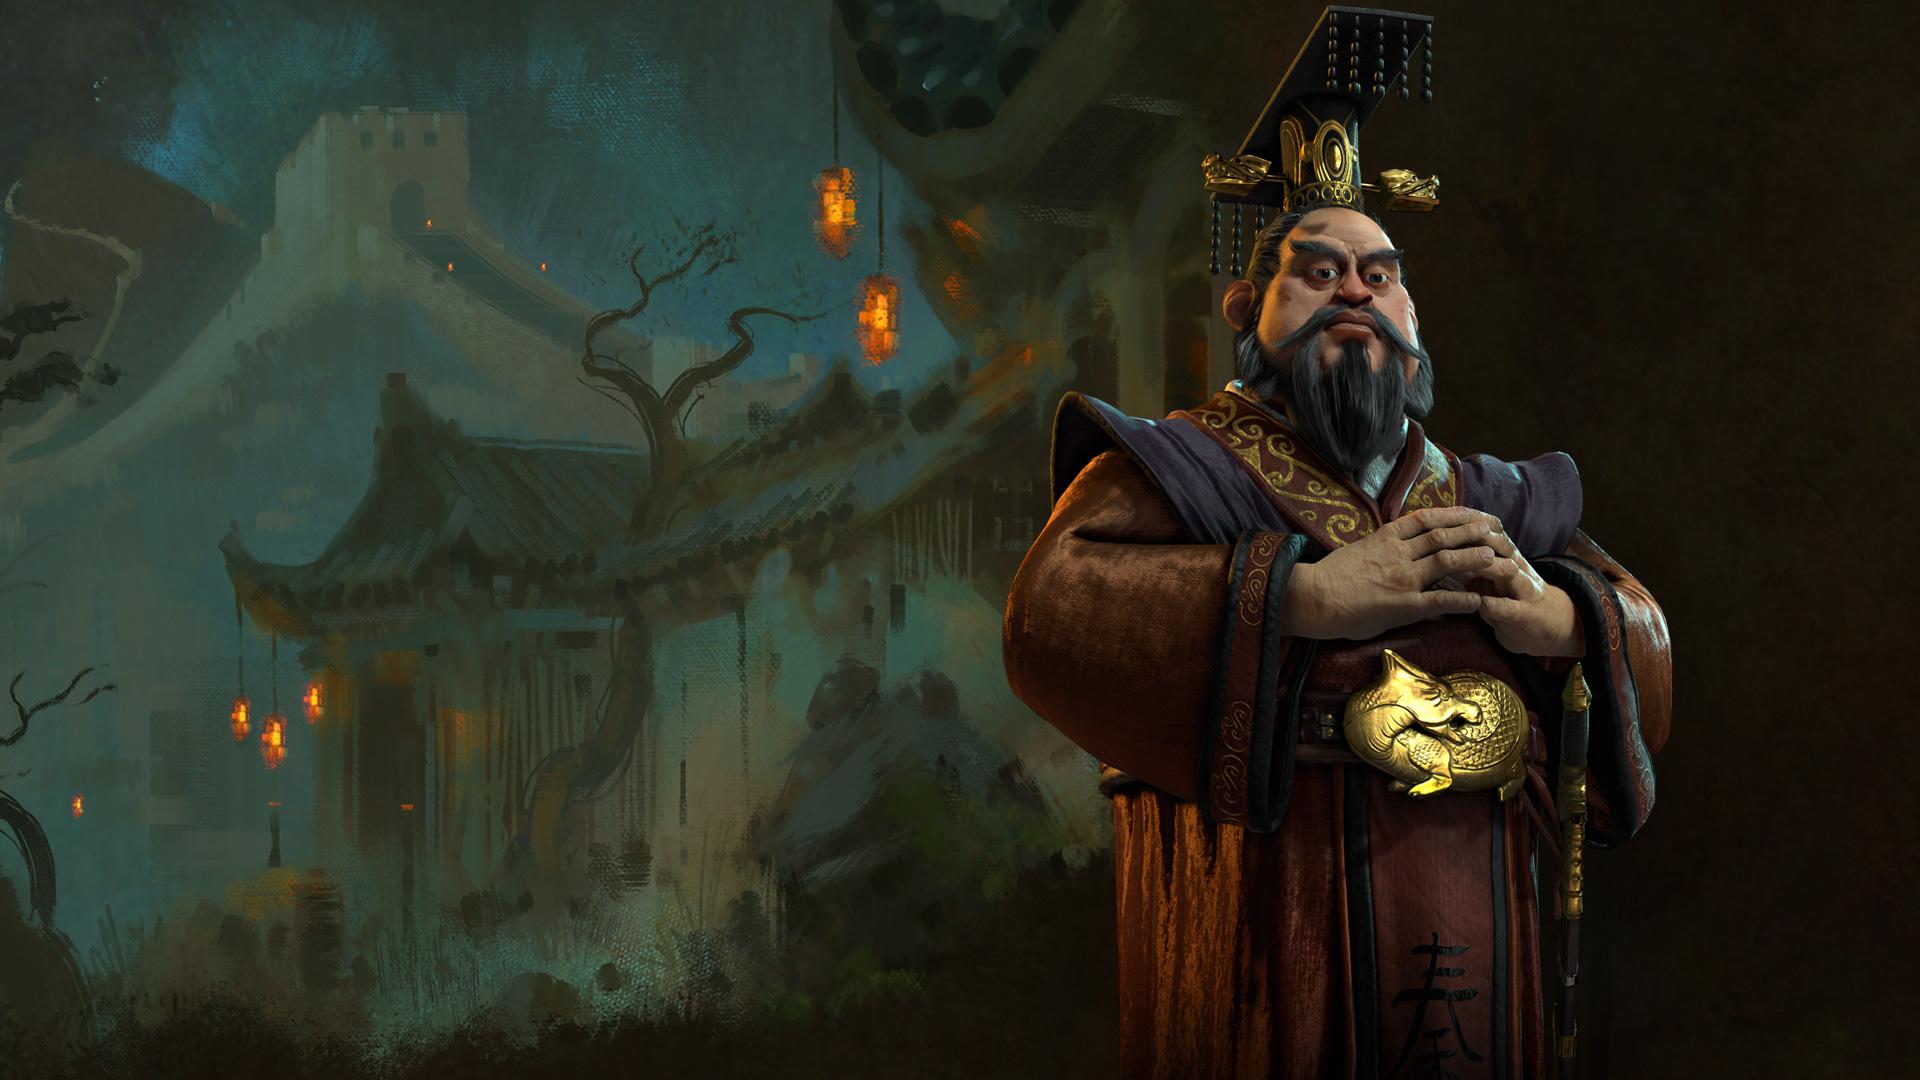 Sid Meier's Civilization VI Wallpapers, Pictures, Images